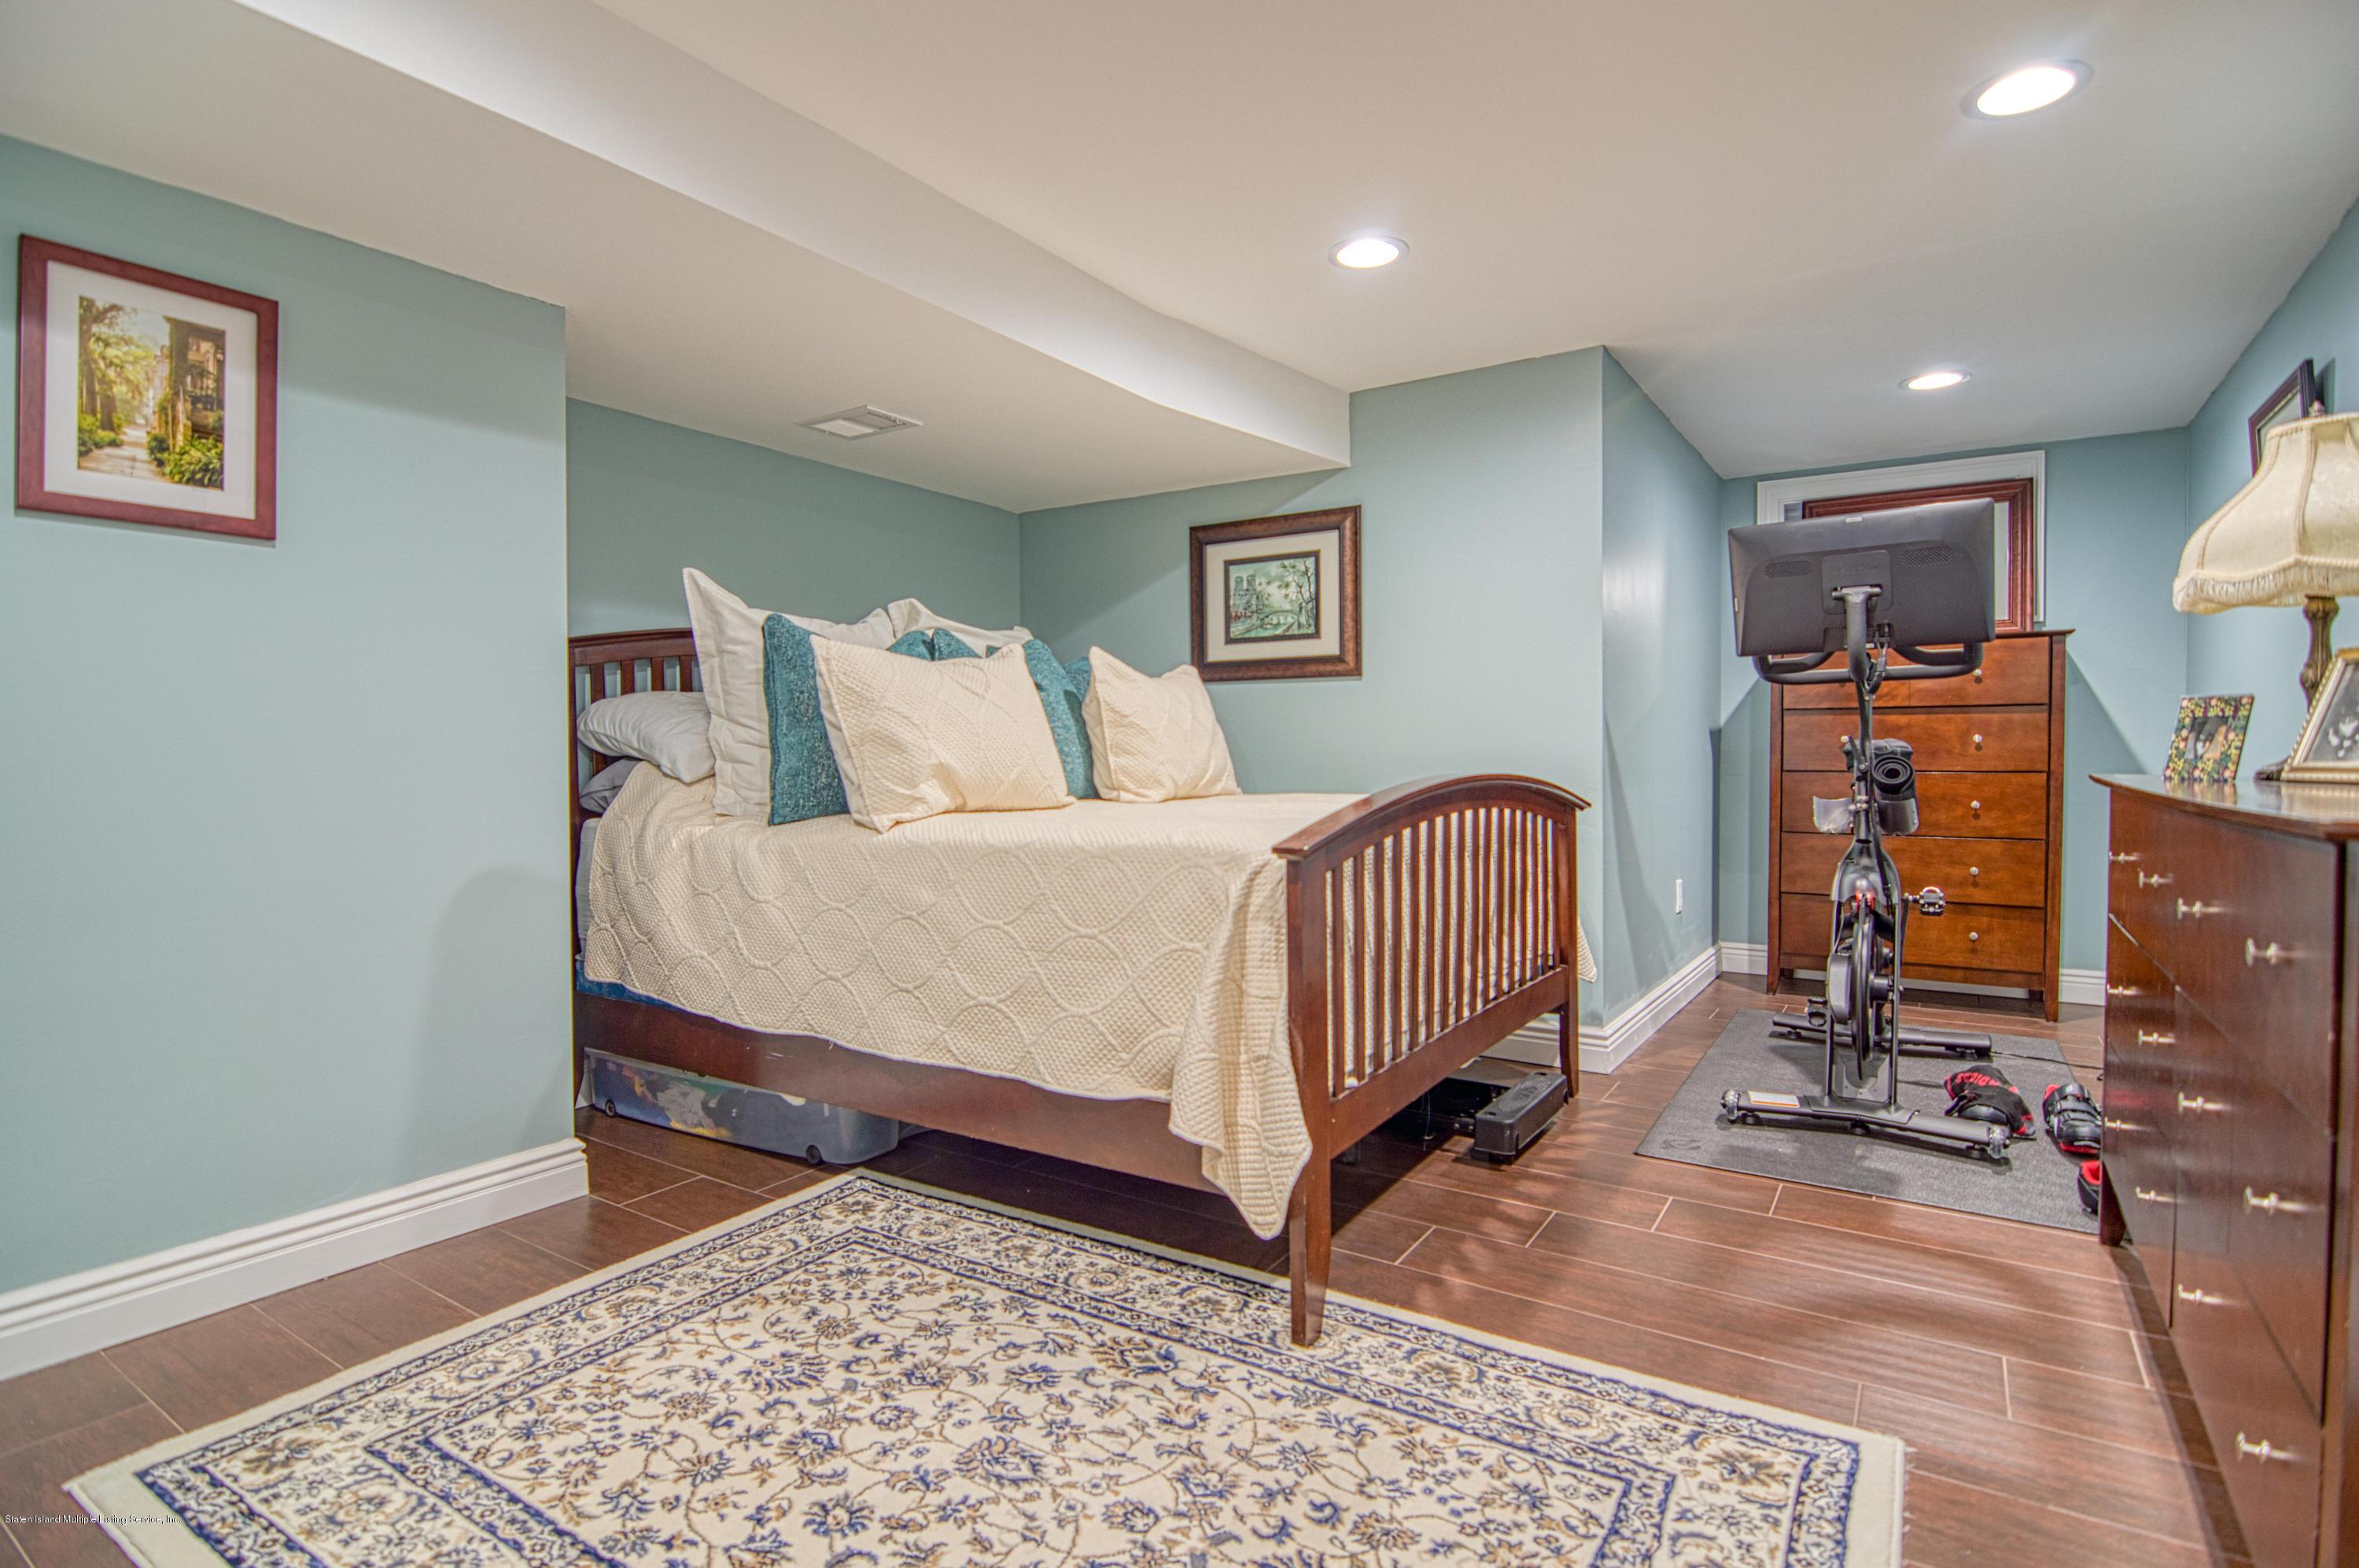 Single Family - Detached 143 Robinson Avenue  Staten Island, NY 10312, MLS-1128917-22